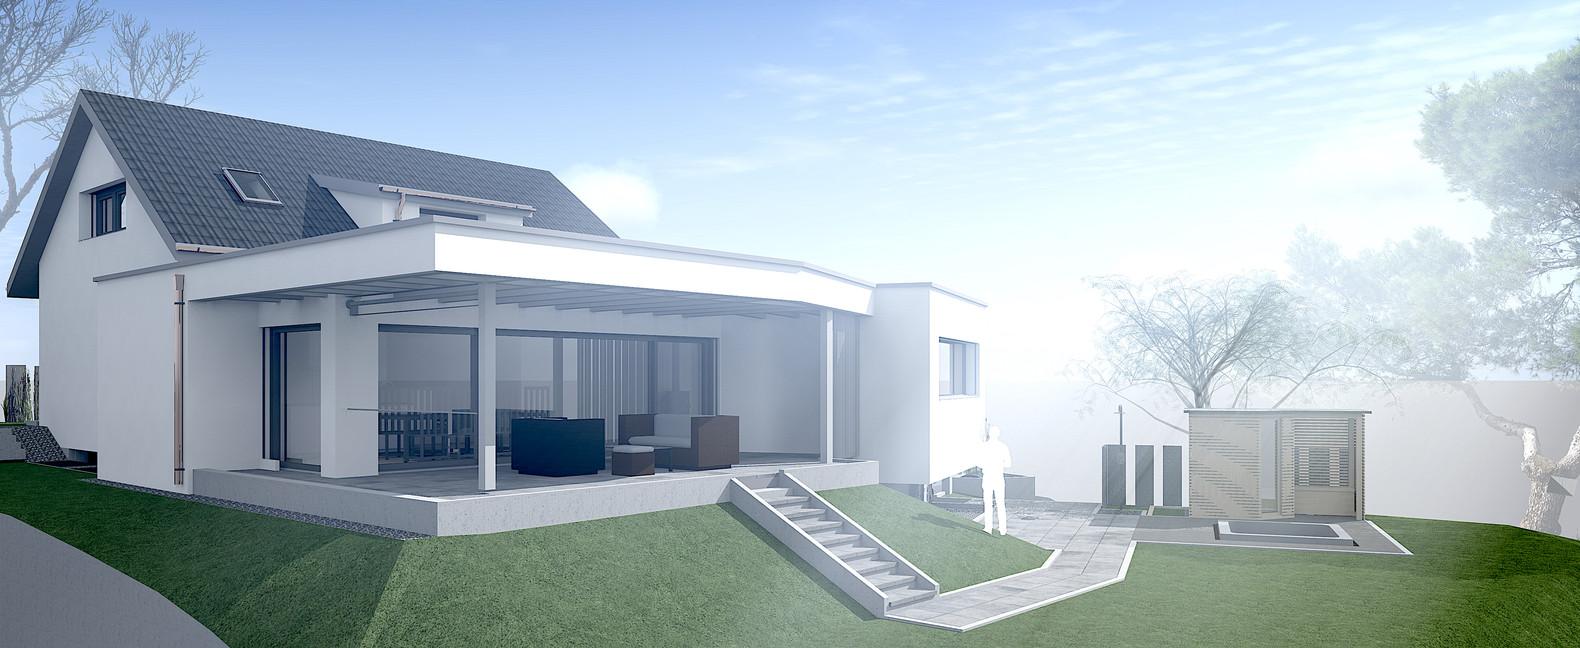 Bauteam11| EFH Langendorf | Fassade